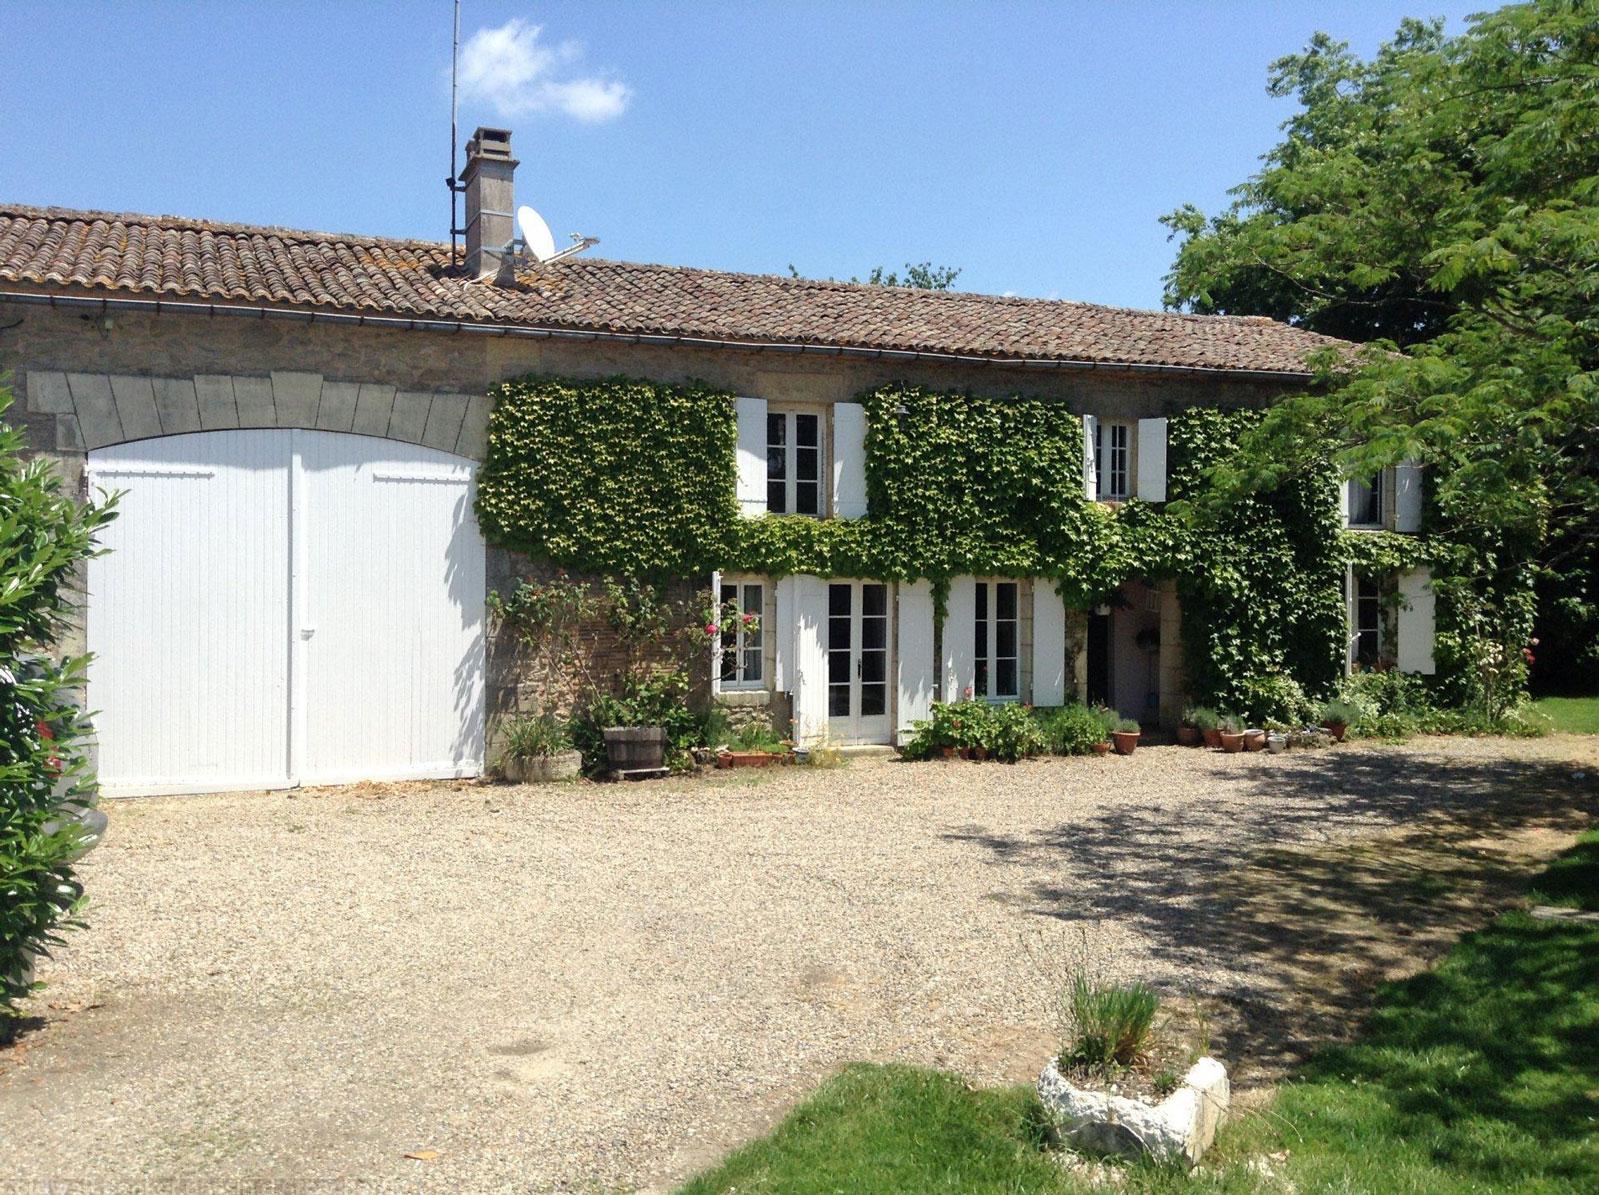 Vente maison villa proche bordeaux blaignac 45 min de for Appartement bordeaux avec piscine